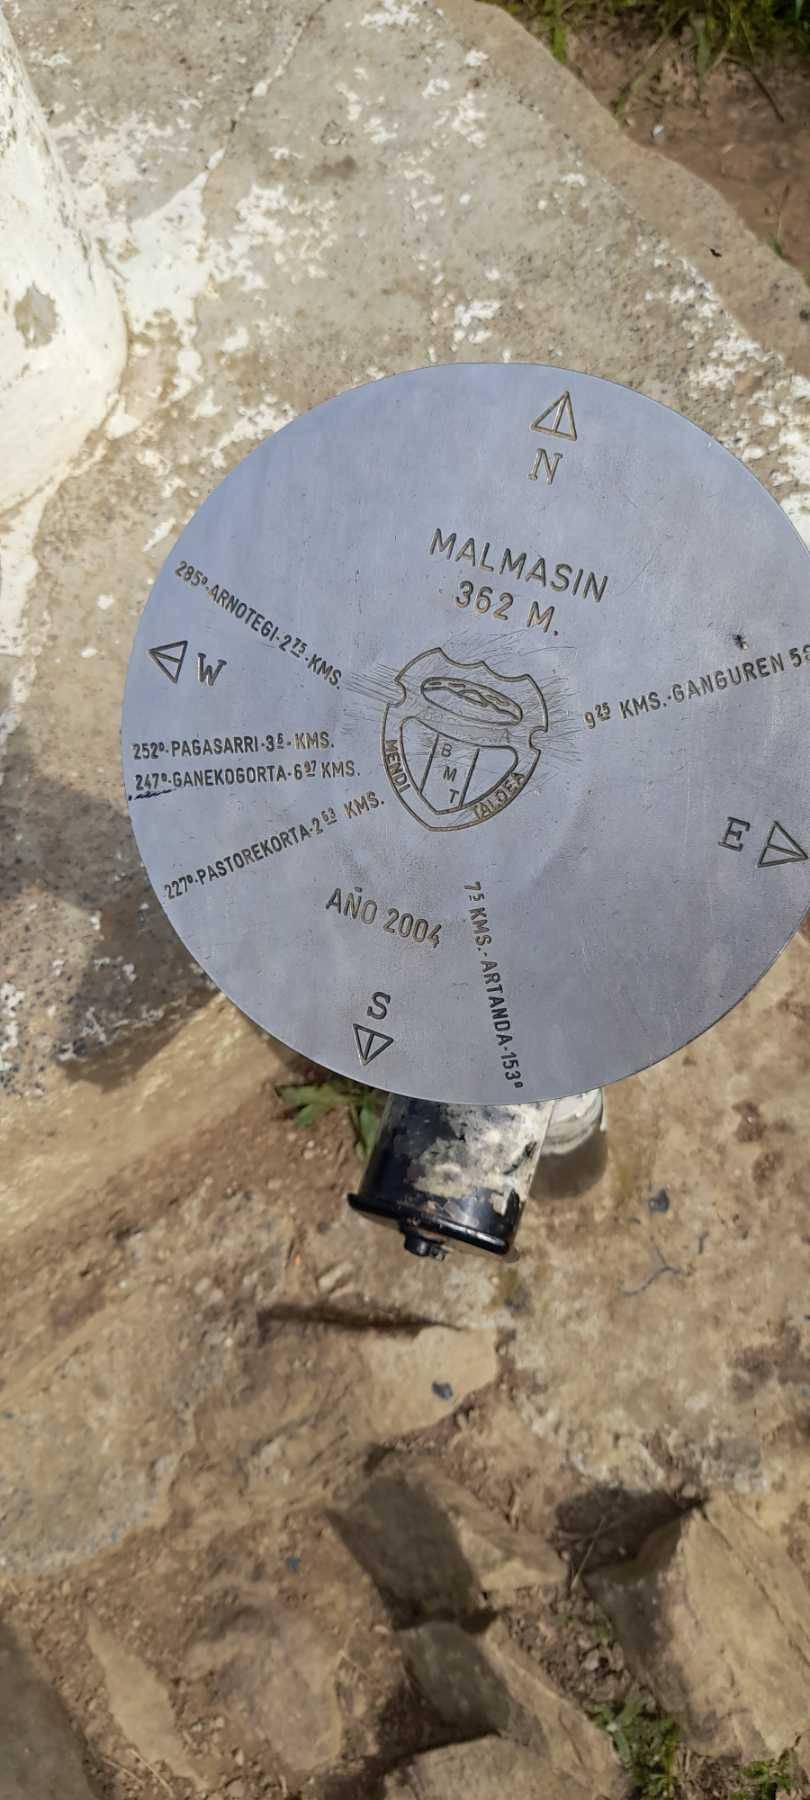 Sonia Campos erabiltzailea Malmasin puntan, 2021-07-04 10:26